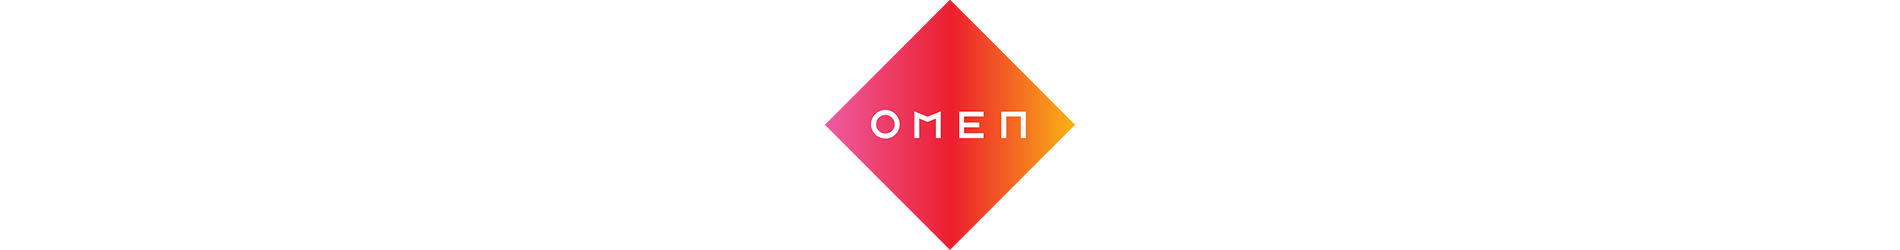 Omen Refresh Omen Logo